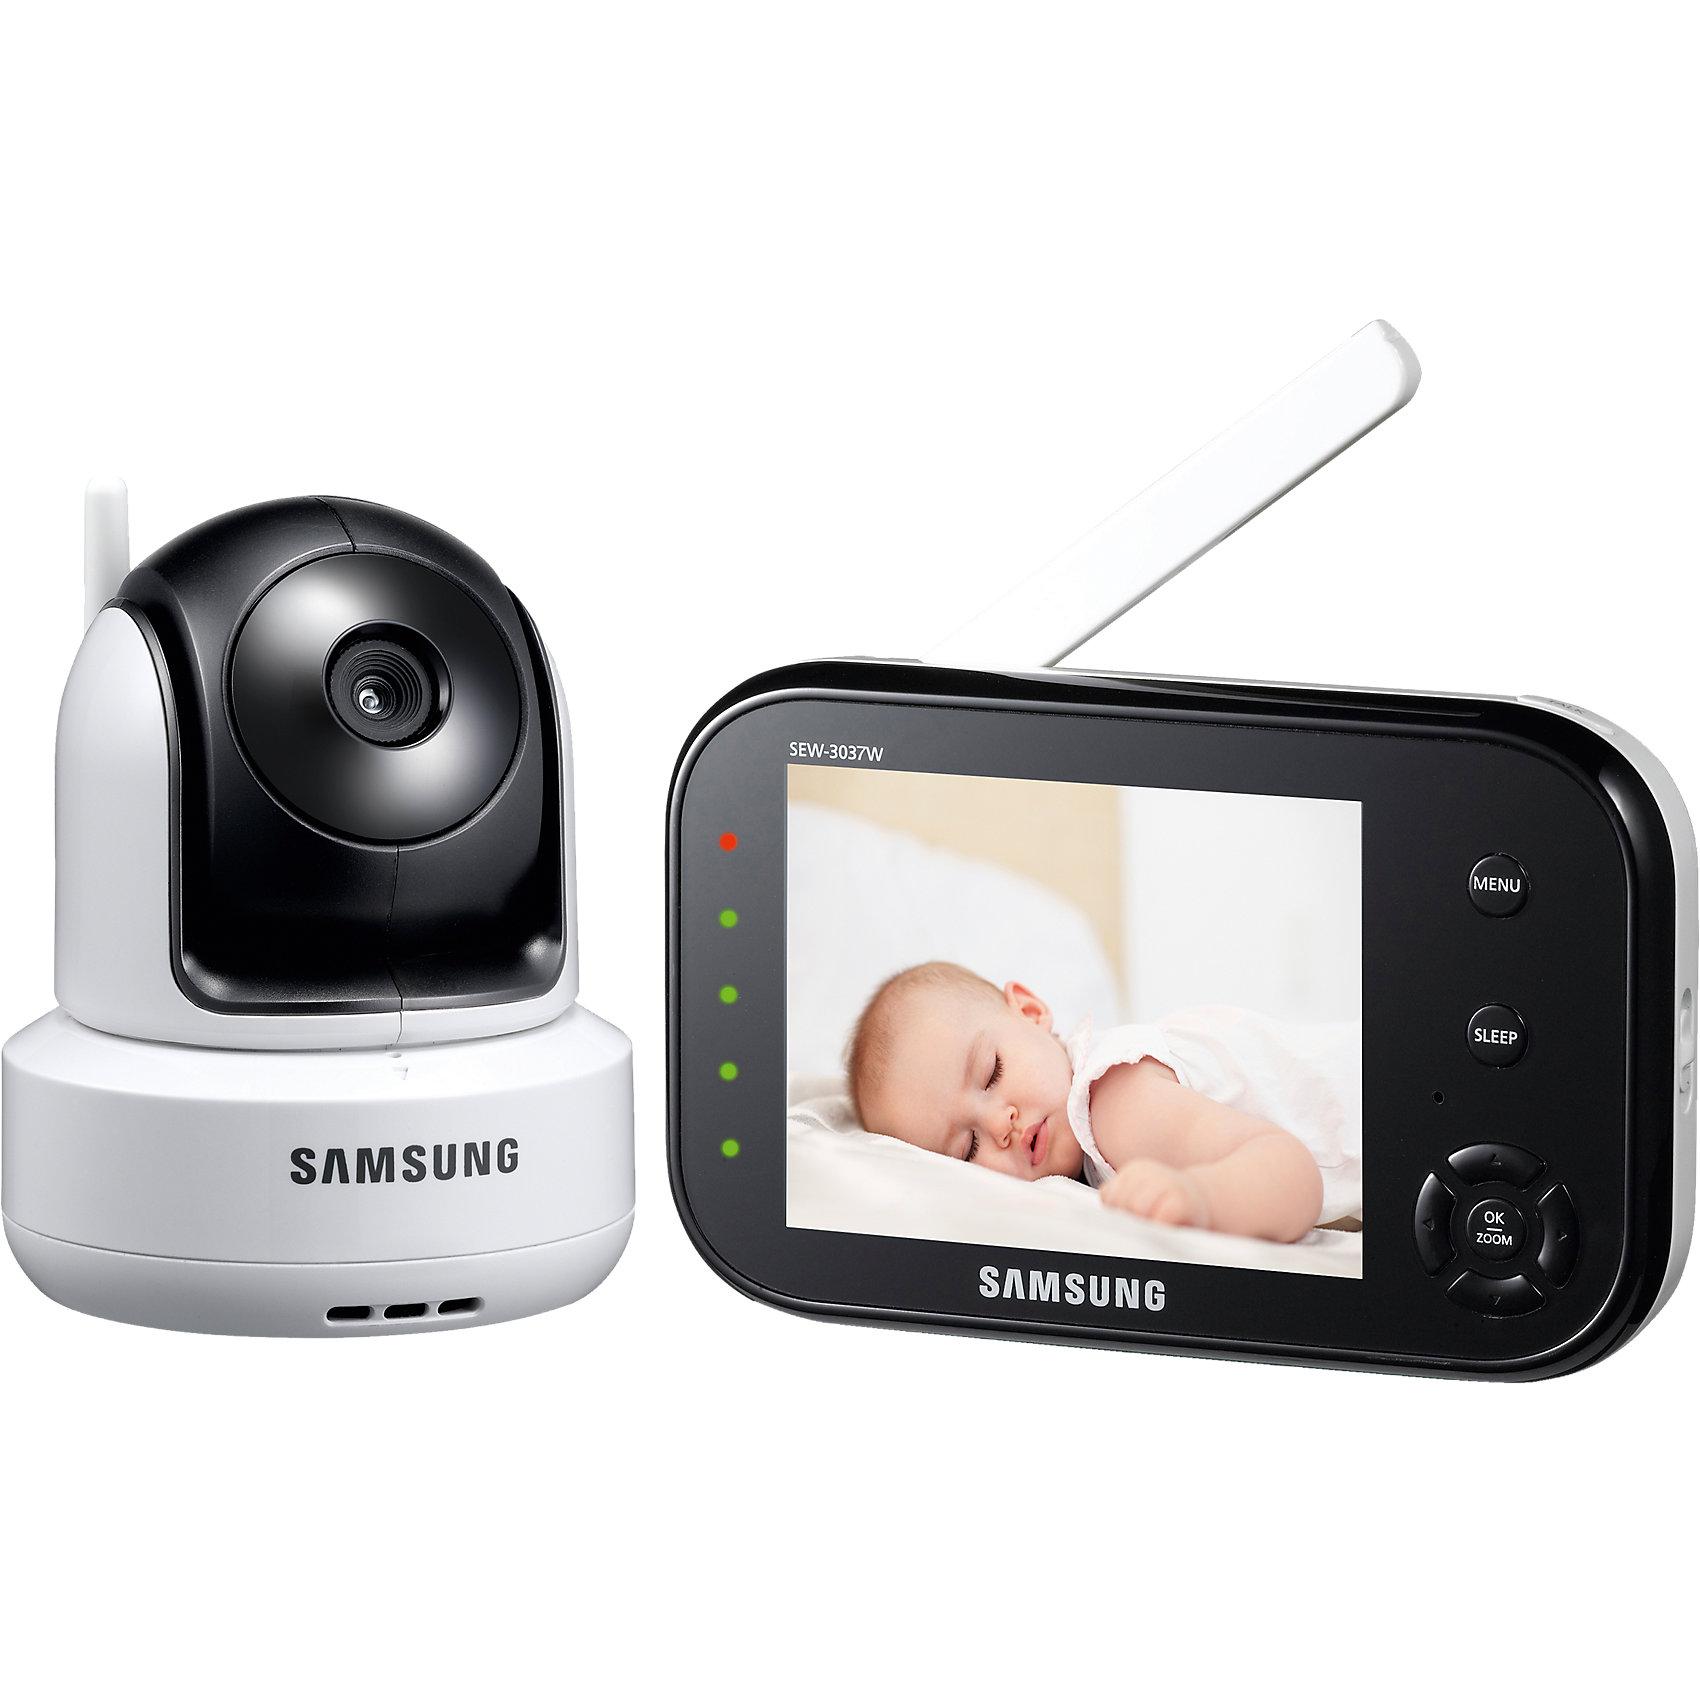 Видеоняня SEW-3037WP, SamsungДля спокойствия молодых родителей компания Samsung занялась производством видеонянь, которые помогают непрерывно наблюдать за своим малышом, даже, когда они не находятся с ним в комнате. Видеоняня Samsung представляет собой камеру (детский блок) и дисплей (родительский блок). Угол обзора камеры позволяет охватить полностью всю детскую. Дисплей достаточно с большой диагональю – 3.5 дюйма (9 см). Работает видеоняня на расстоянии 300 метров, поэтому прекрасно подойдет для большой квартиры или частного дома. Одновременно можно подключить до 4-х камер, что очень удобно, ведь их возможно расположить в разных комнатах и не переносить детский блок из комнаты в комнату.<br><br> Дополнительная информация:<br><br>- диагональ дисплея 9 см (3,5 дюйма).<br>- дальность приёма 300 метров.<br>- система подавления помех. <br>- двухсторонняя связь. вы можете не только слышать малыша, но и поговорить с ним на расстоянии.<br>- ночное видение включается автоматически при недостаточном освещении в детской комнате.<br>- активация при плаче (vox) <br>- кнопка «sleep» <br>- индикатор громкости плача в виде led-индикаторов.<br>- функция приближения (цифровой зум).<br>- наклон камеры можно отрегулировать вручную.<br>- предупреждение о выходе из зоны приёма.<br>- предупреждение о низком заряде аккумулятора.<br>- регулировка громкости звука.<br>- к детскому блоку видеоняни можно одновременно подключить до 4 камер, которые ---переключаются вручную или в автоматическом режиме.<br>- в комплекте набор для крепления камеры на стене.<br><br>Видеоняня  торговой марки  Samsung можно купить в нашем интернет-магазине<br><br>Ширина мм: 289<br>Глубина мм: 241<br>Высота мм: 121<br>Вес г: 1004<br>Цвет: белый<br>Возраст от месяцев: 0<br>Возраст до месяцев: 36<br>Пол: Унисекс<br>Возраст: Детский<br>SKU: 4099419